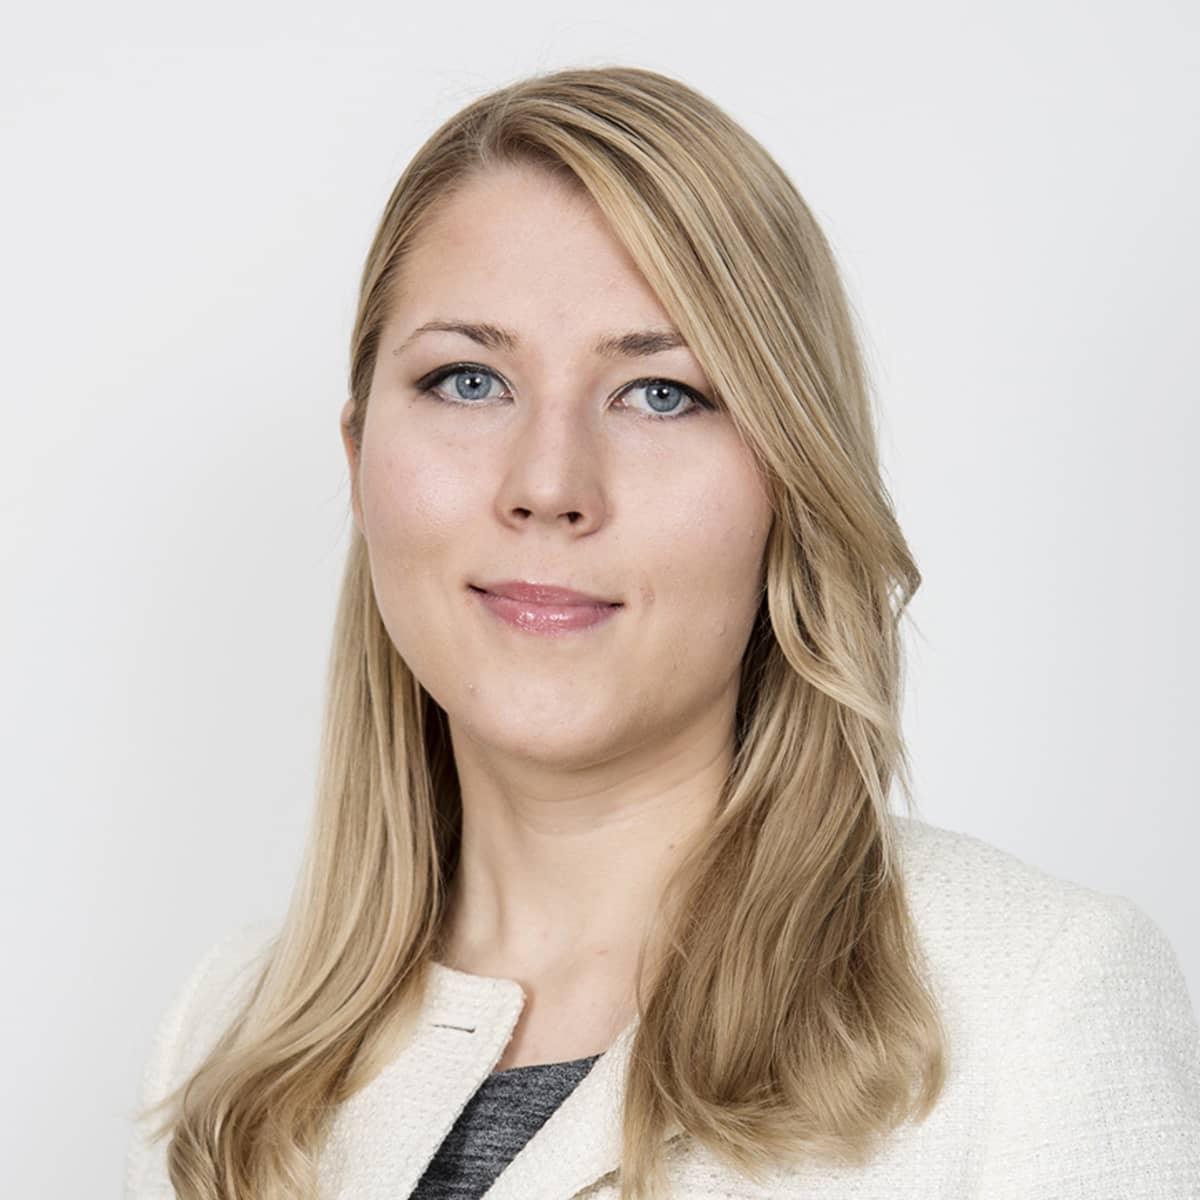 norjalaiset naiset etsii seksiseuraa turku